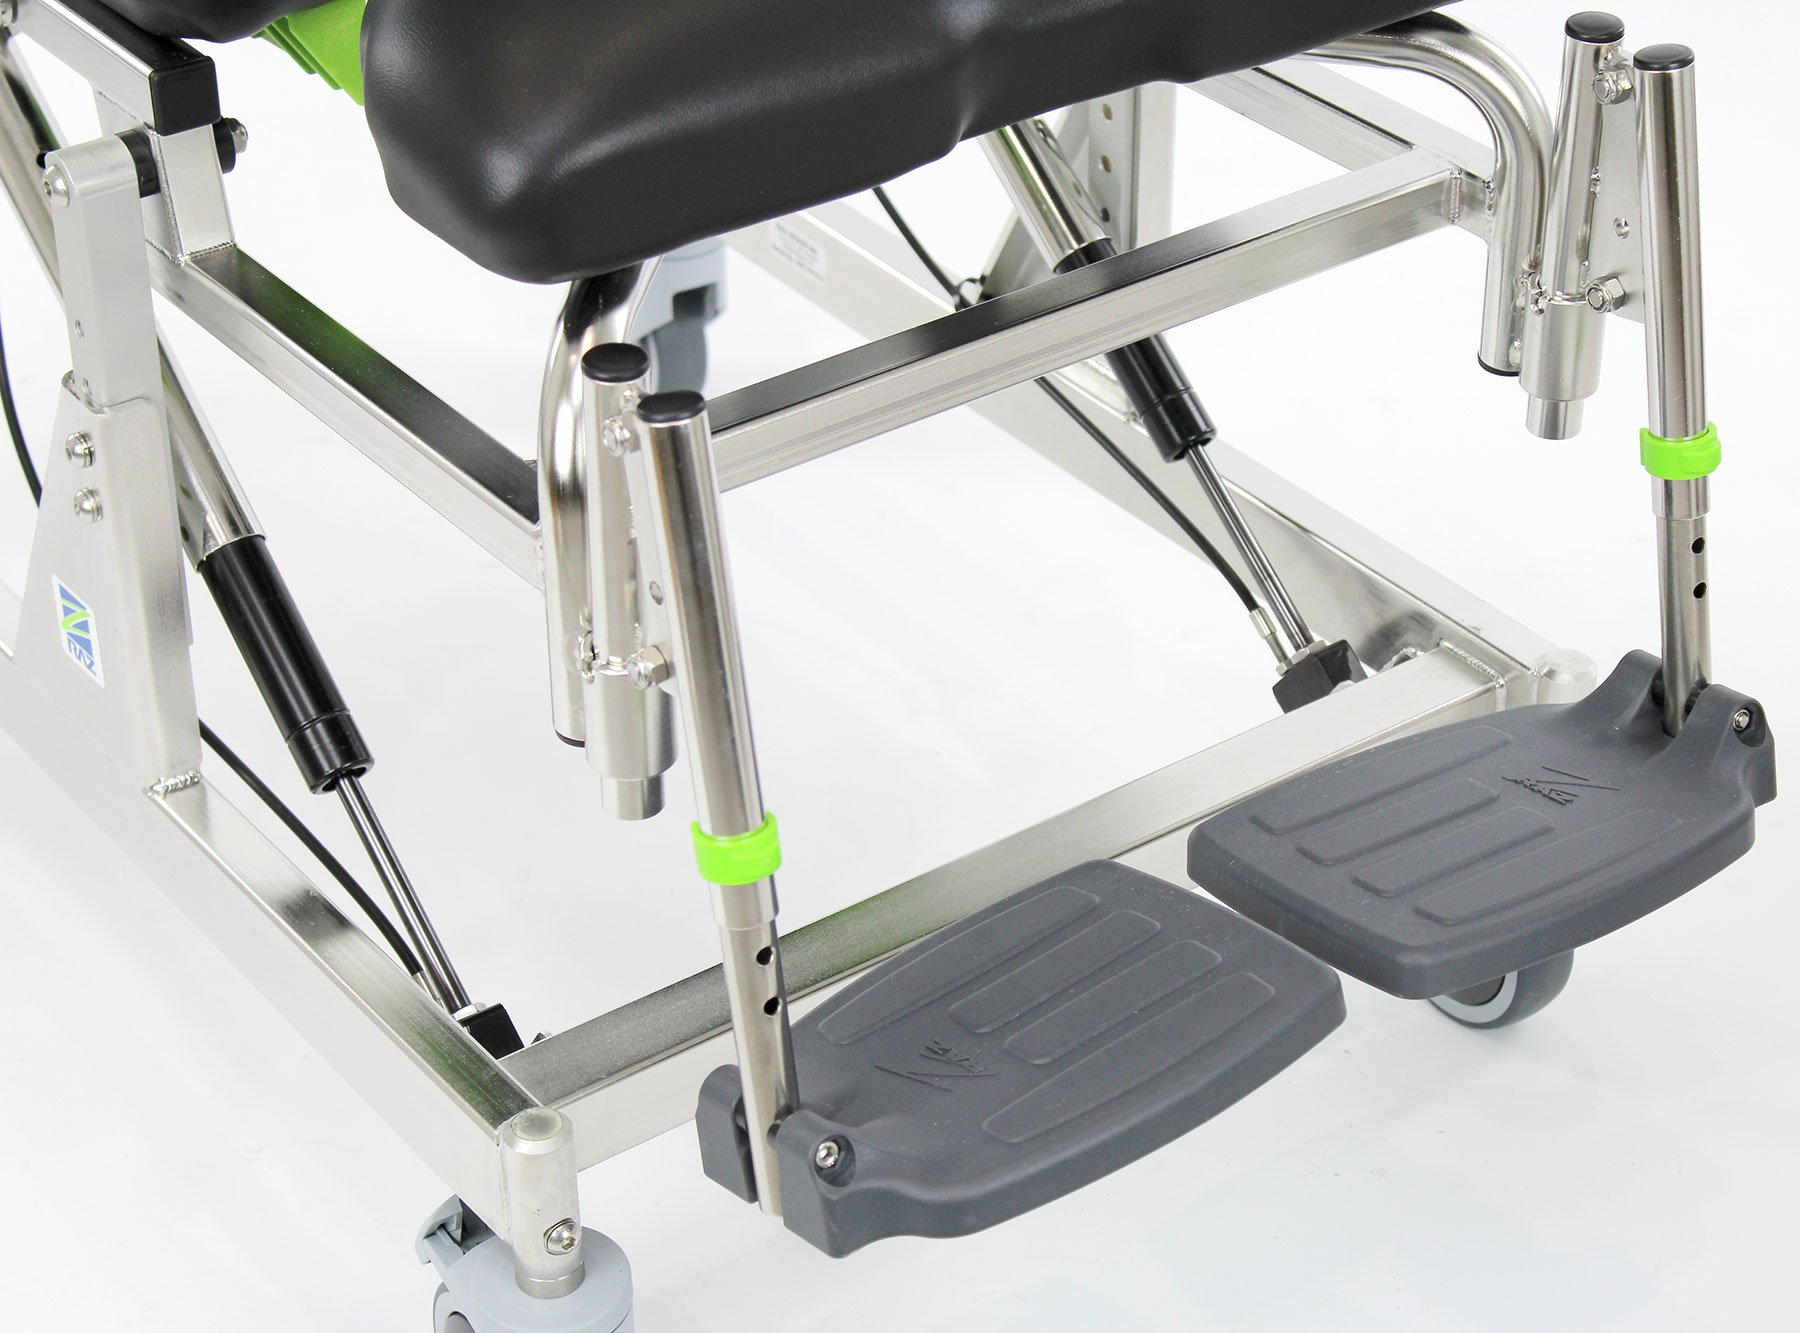 MFX-12 Footrests